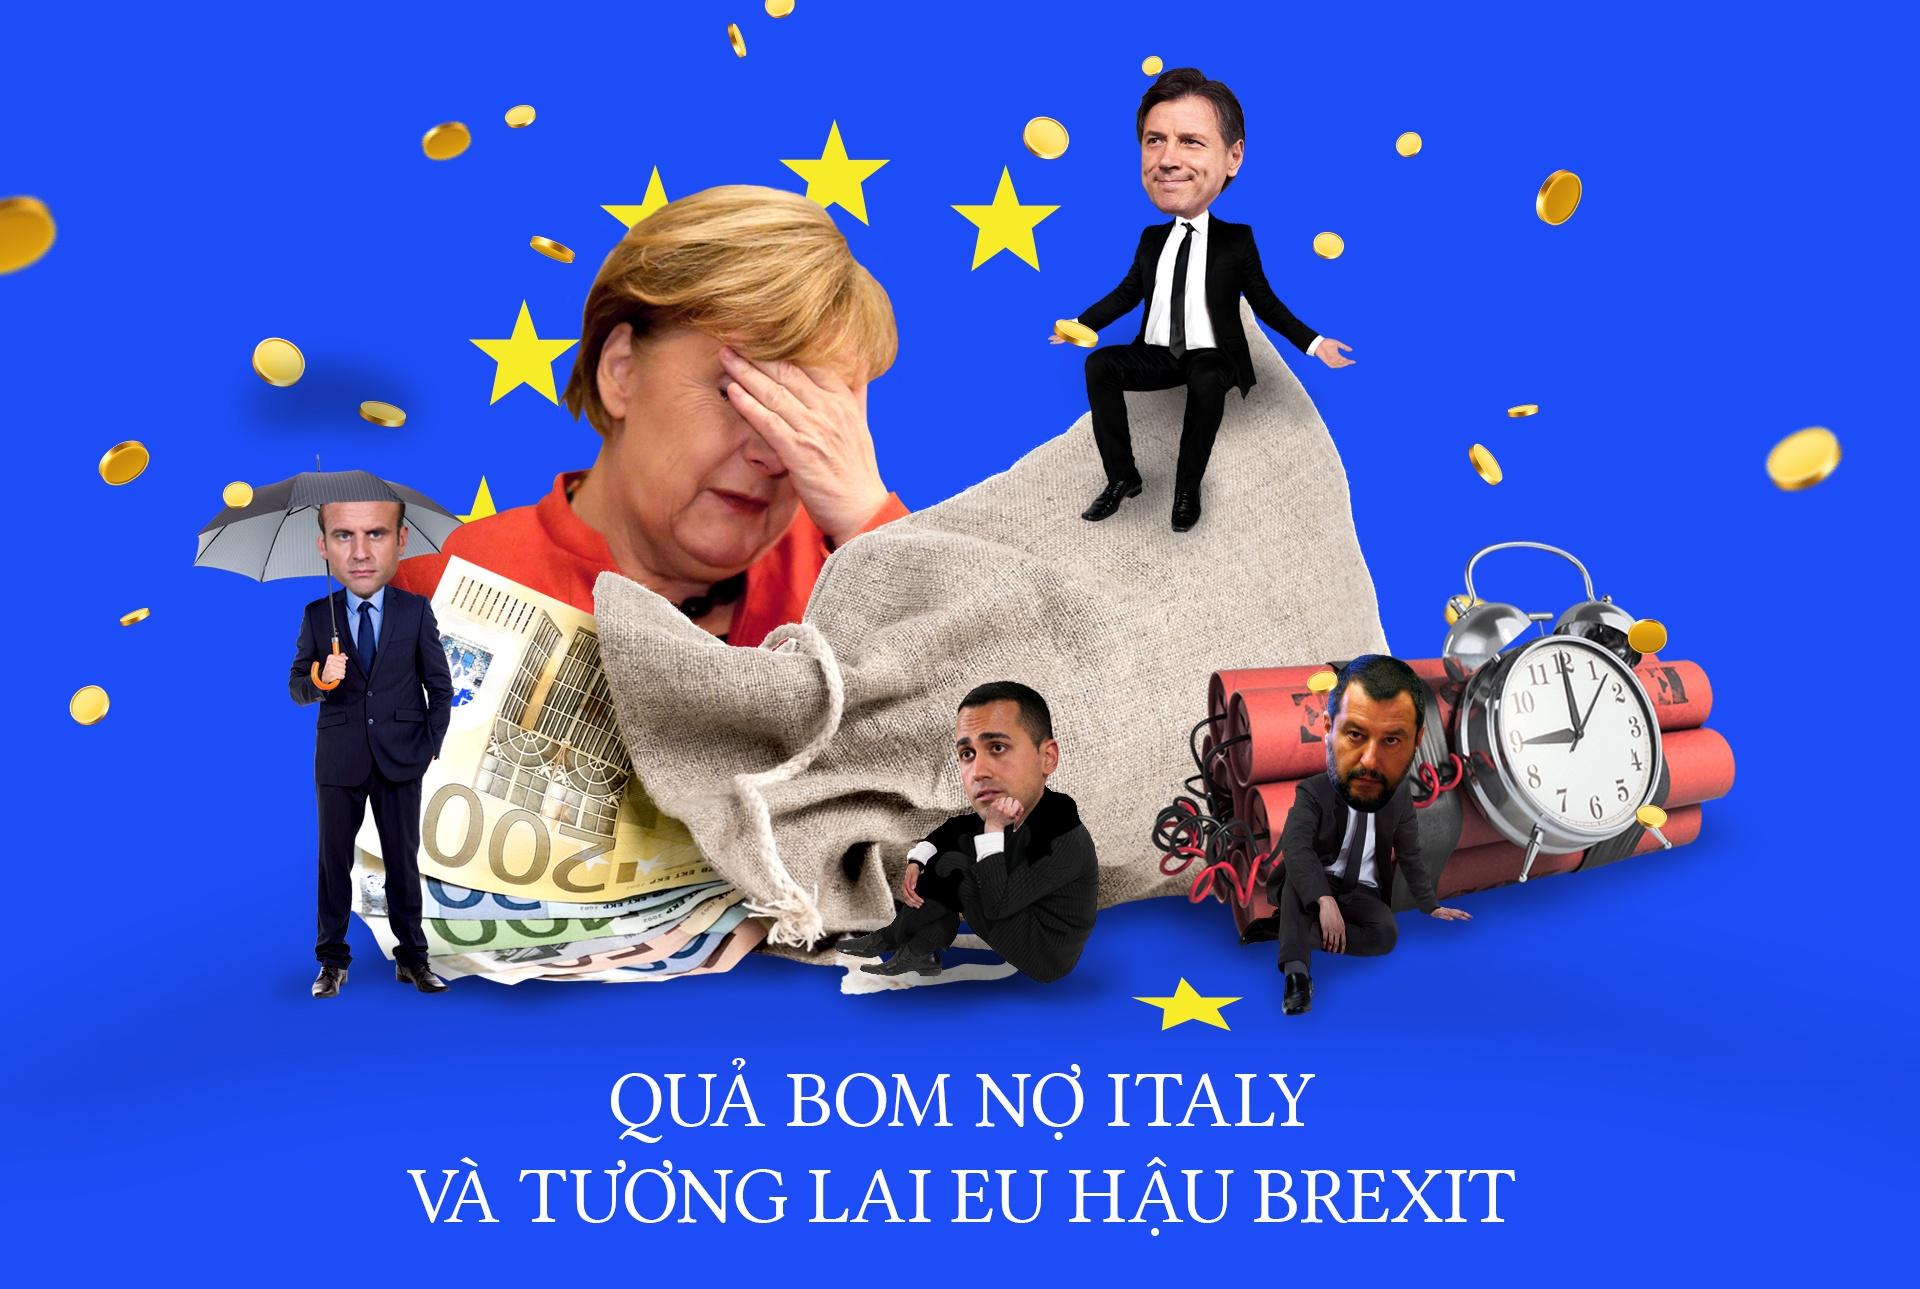 Qua bom no Italy va tuong lai EU hau Brexit hinh anh 2